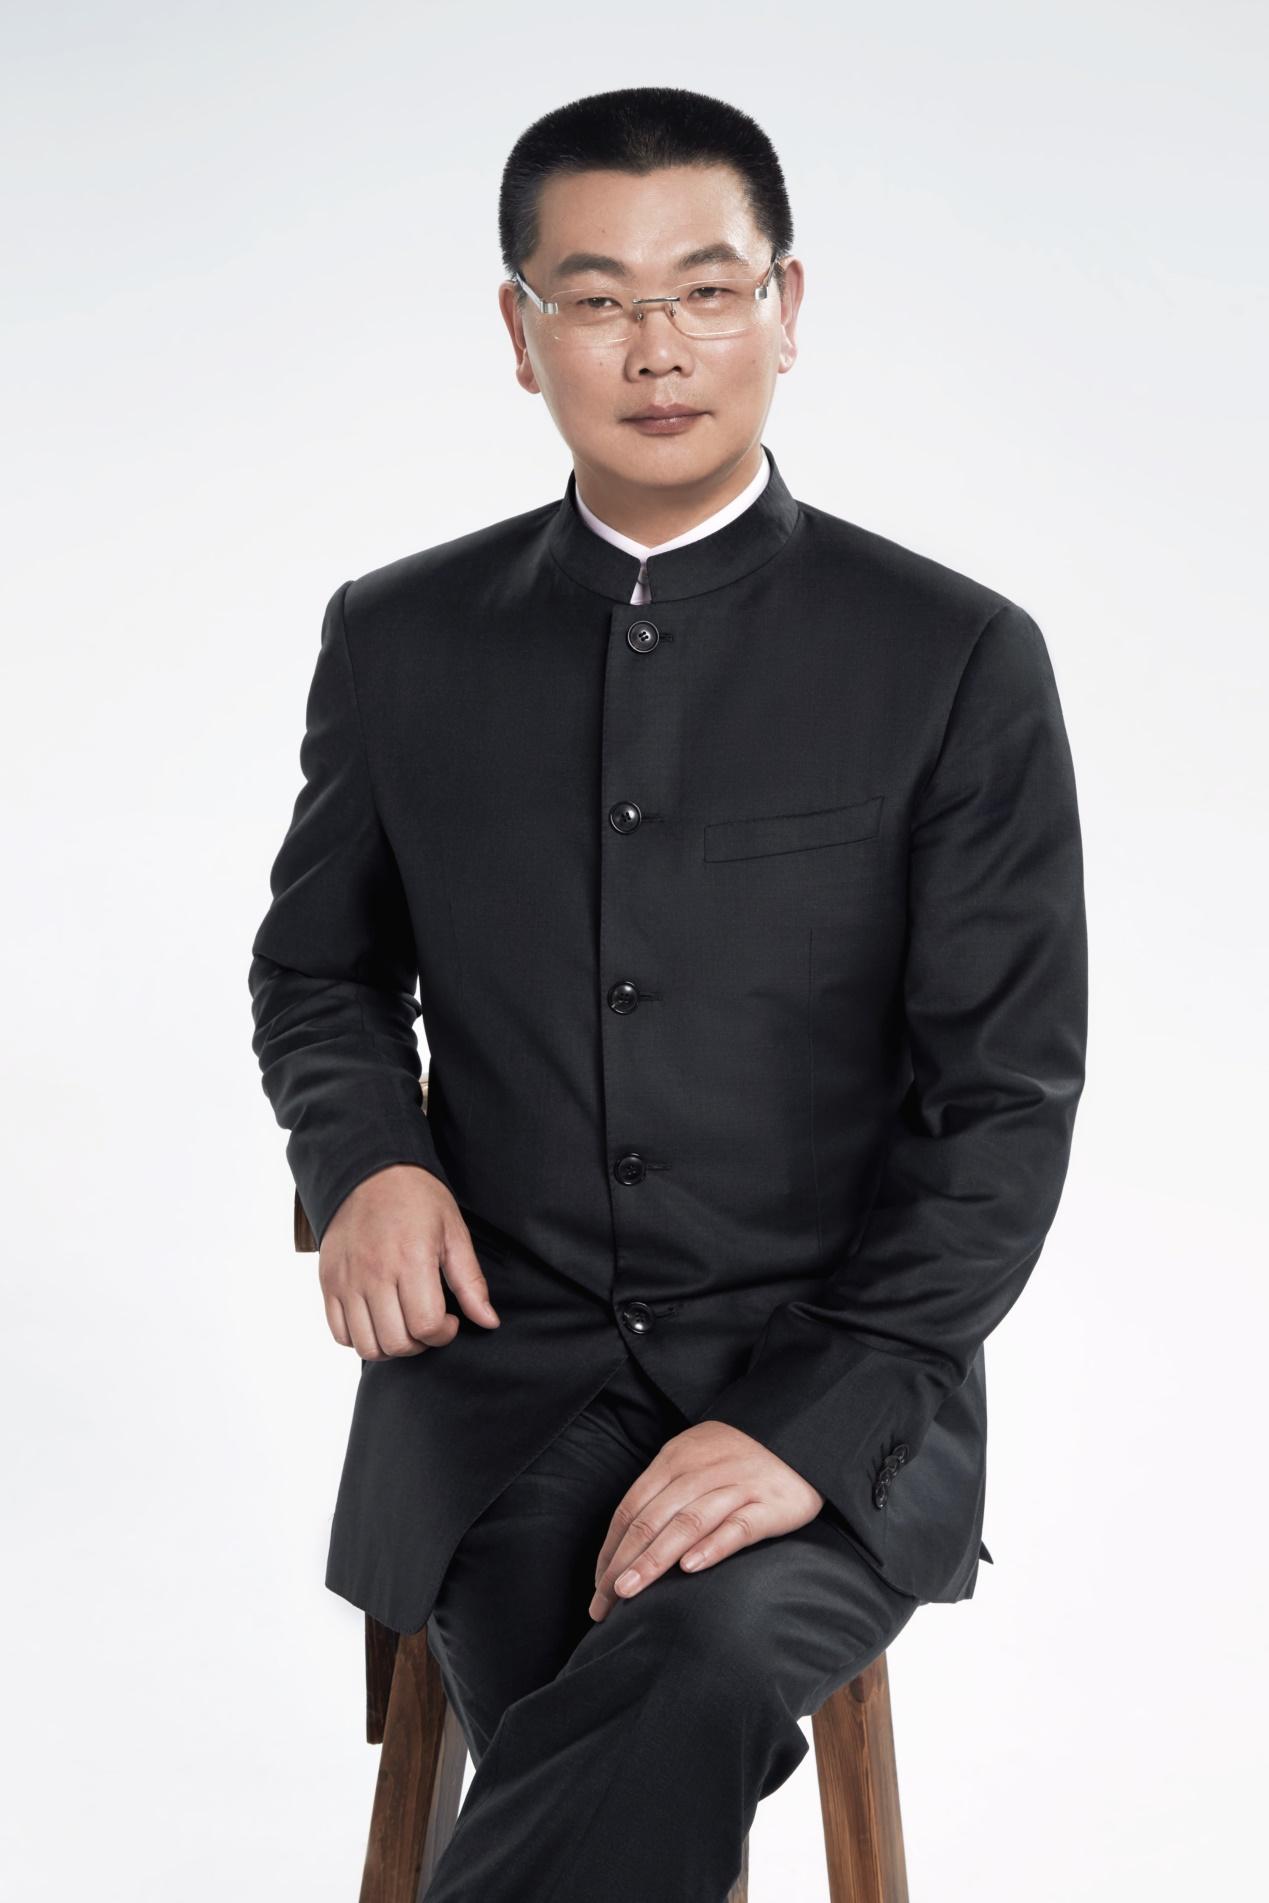 钜派投资集团董事长兼首席执行官倪建达